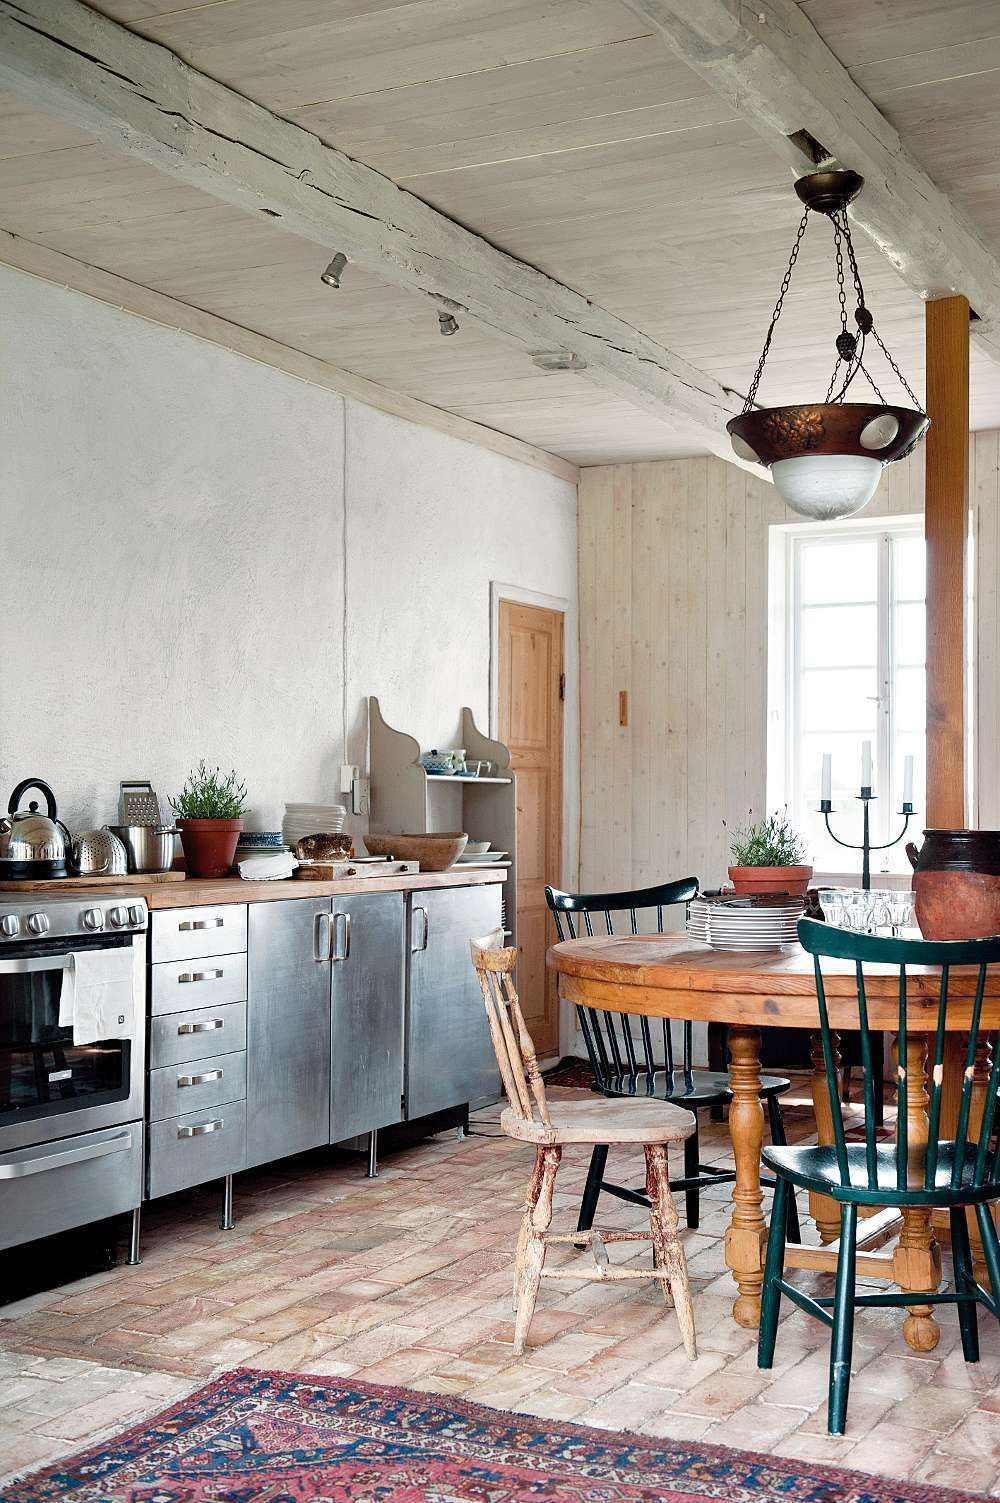 Cuisine en inox id es meubles en acier inoxydable - Meuble cuisine inox ikea ...